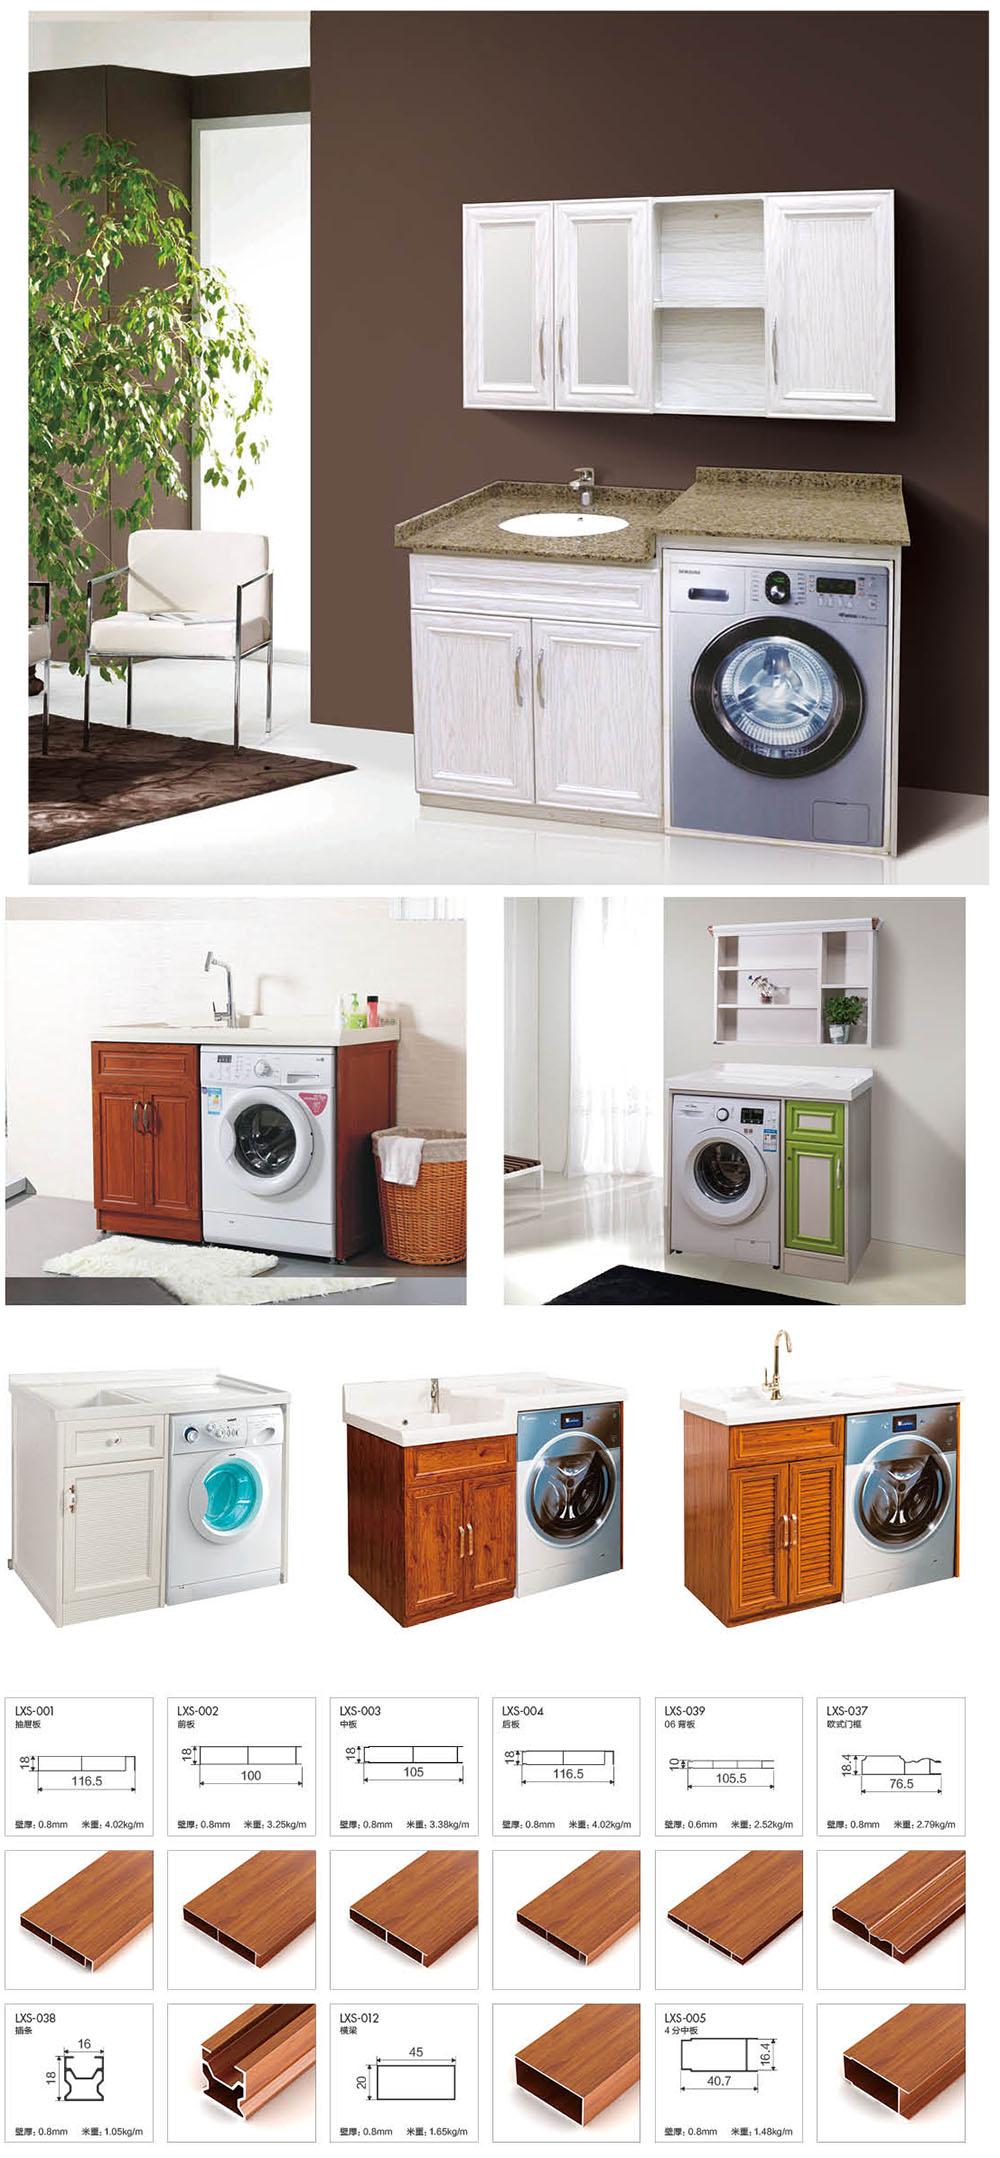 铝先森全铝家居 全铝家具 全铝洗衣机柜